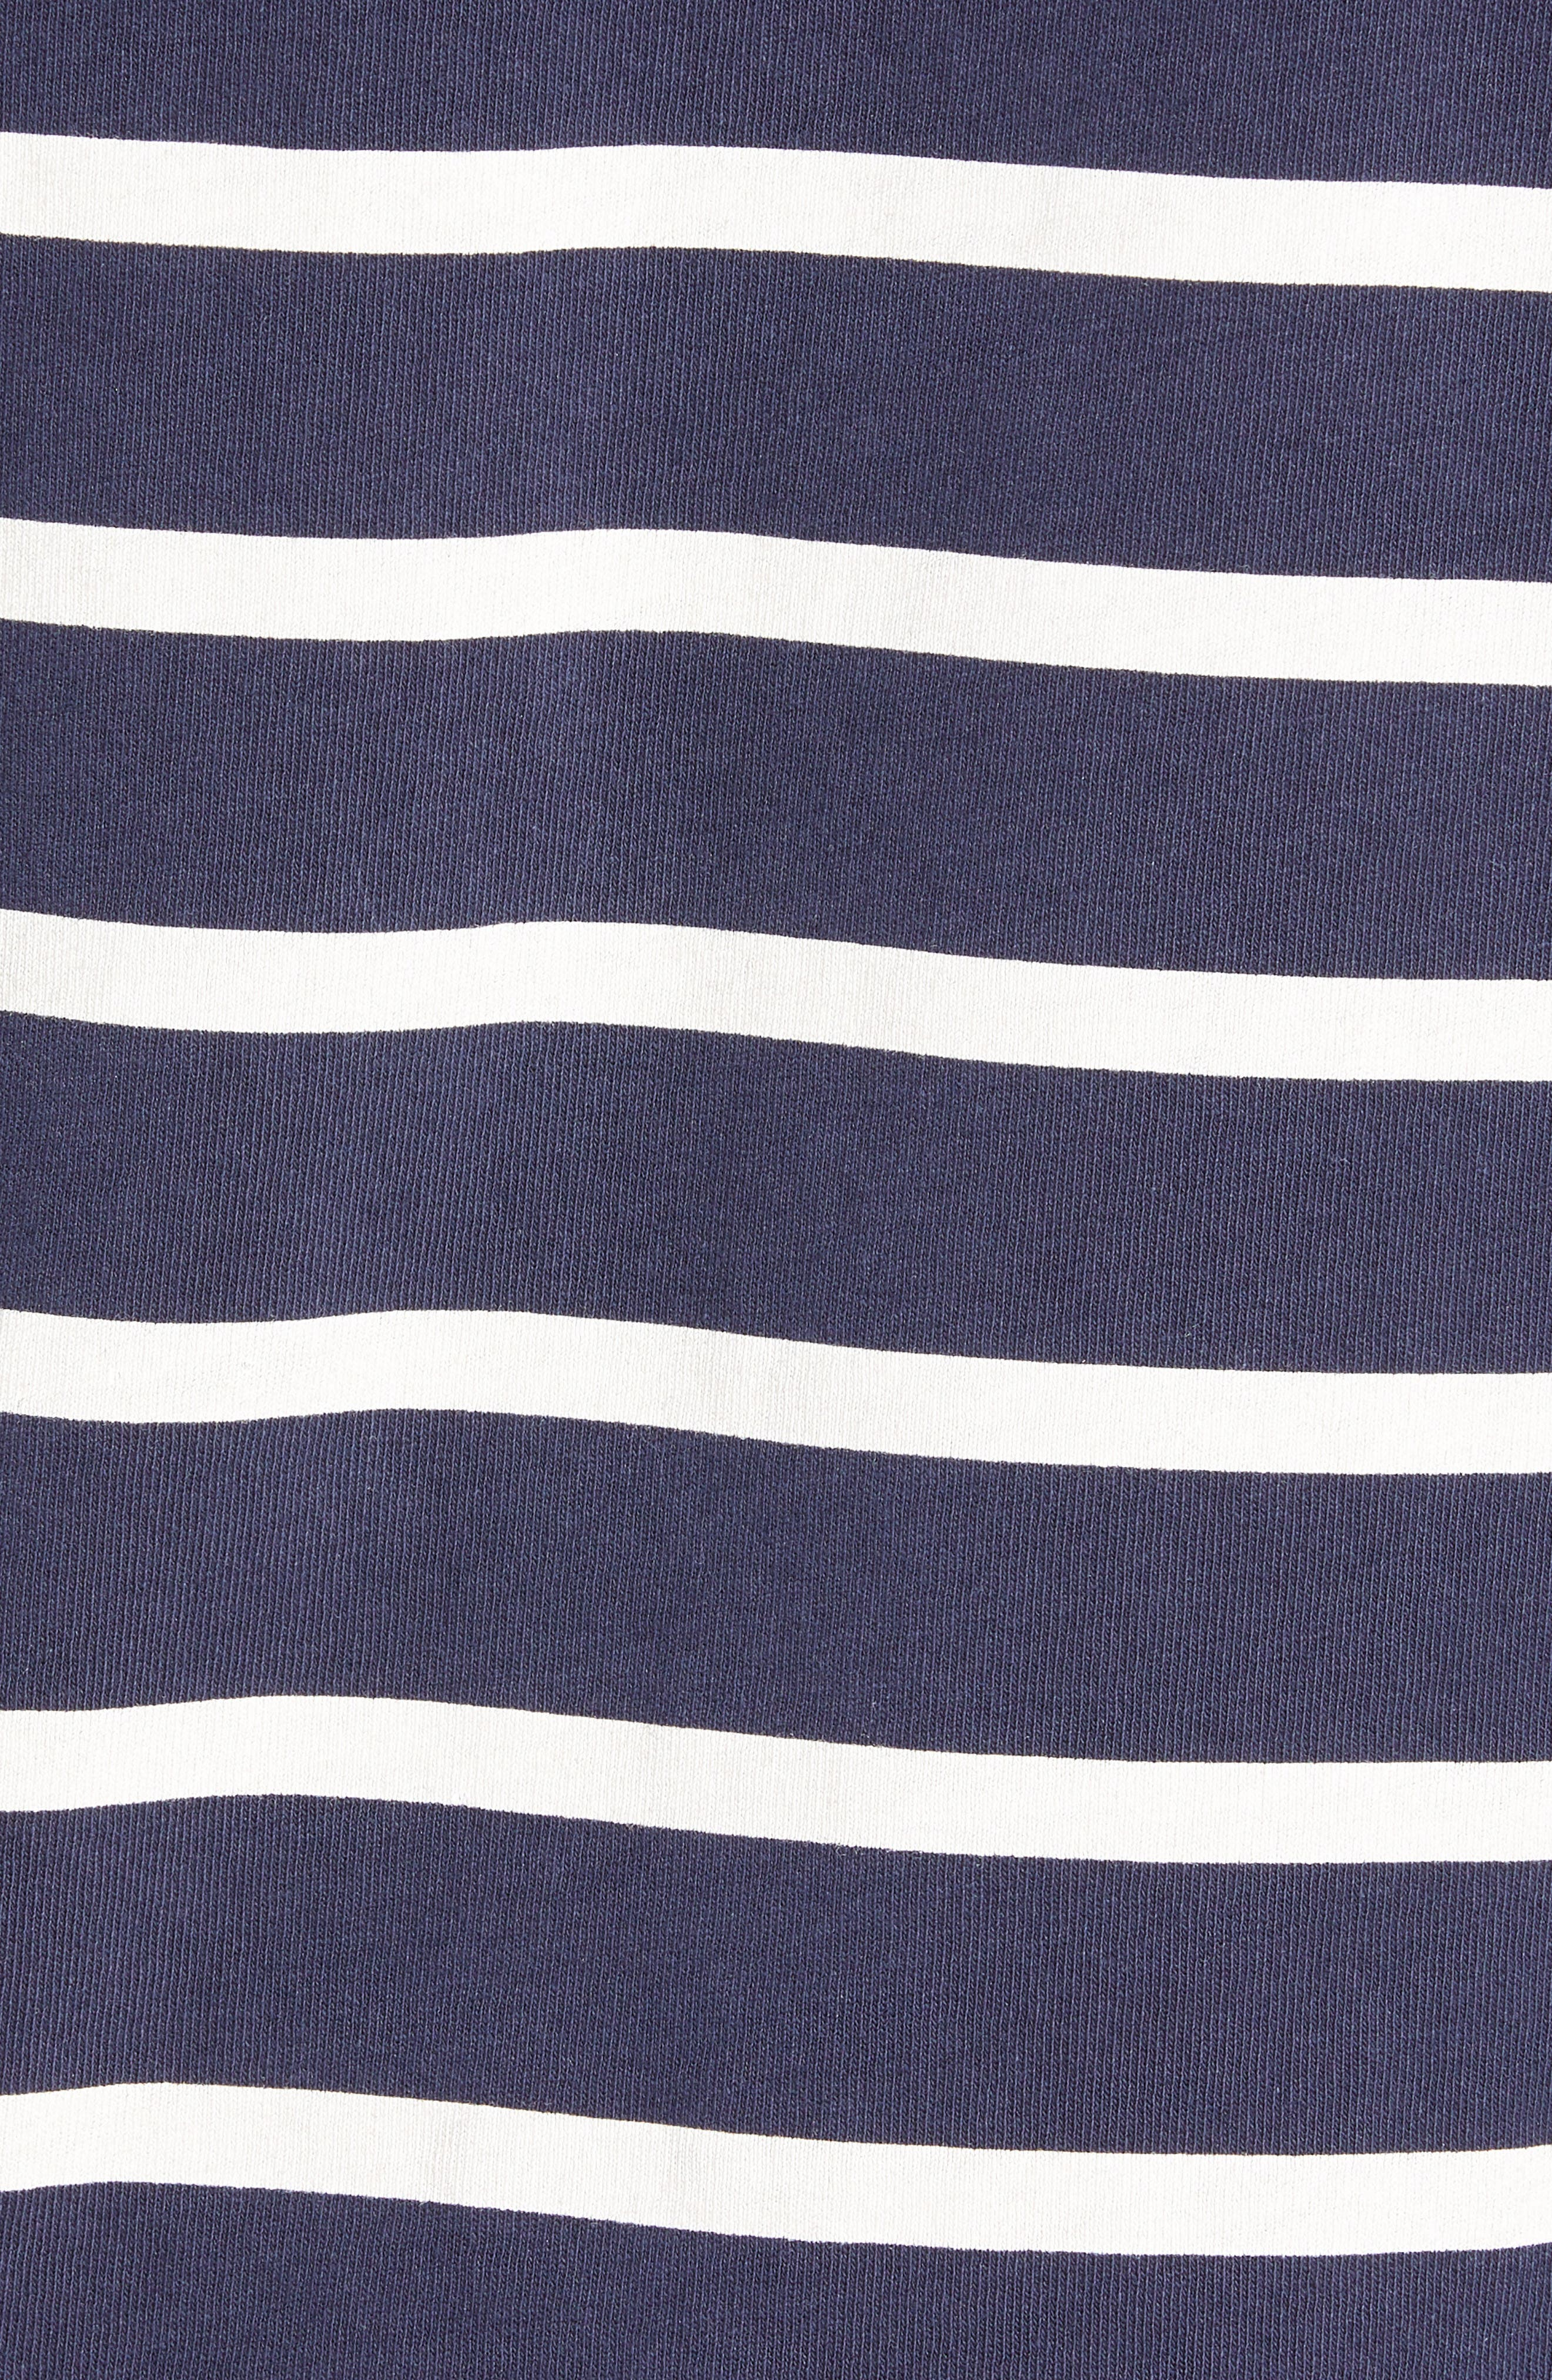 Mow Stripe Logo T-Shirt,                             Alternate thumbnail 5, color,                             SARTHO BLUE/ WHITE